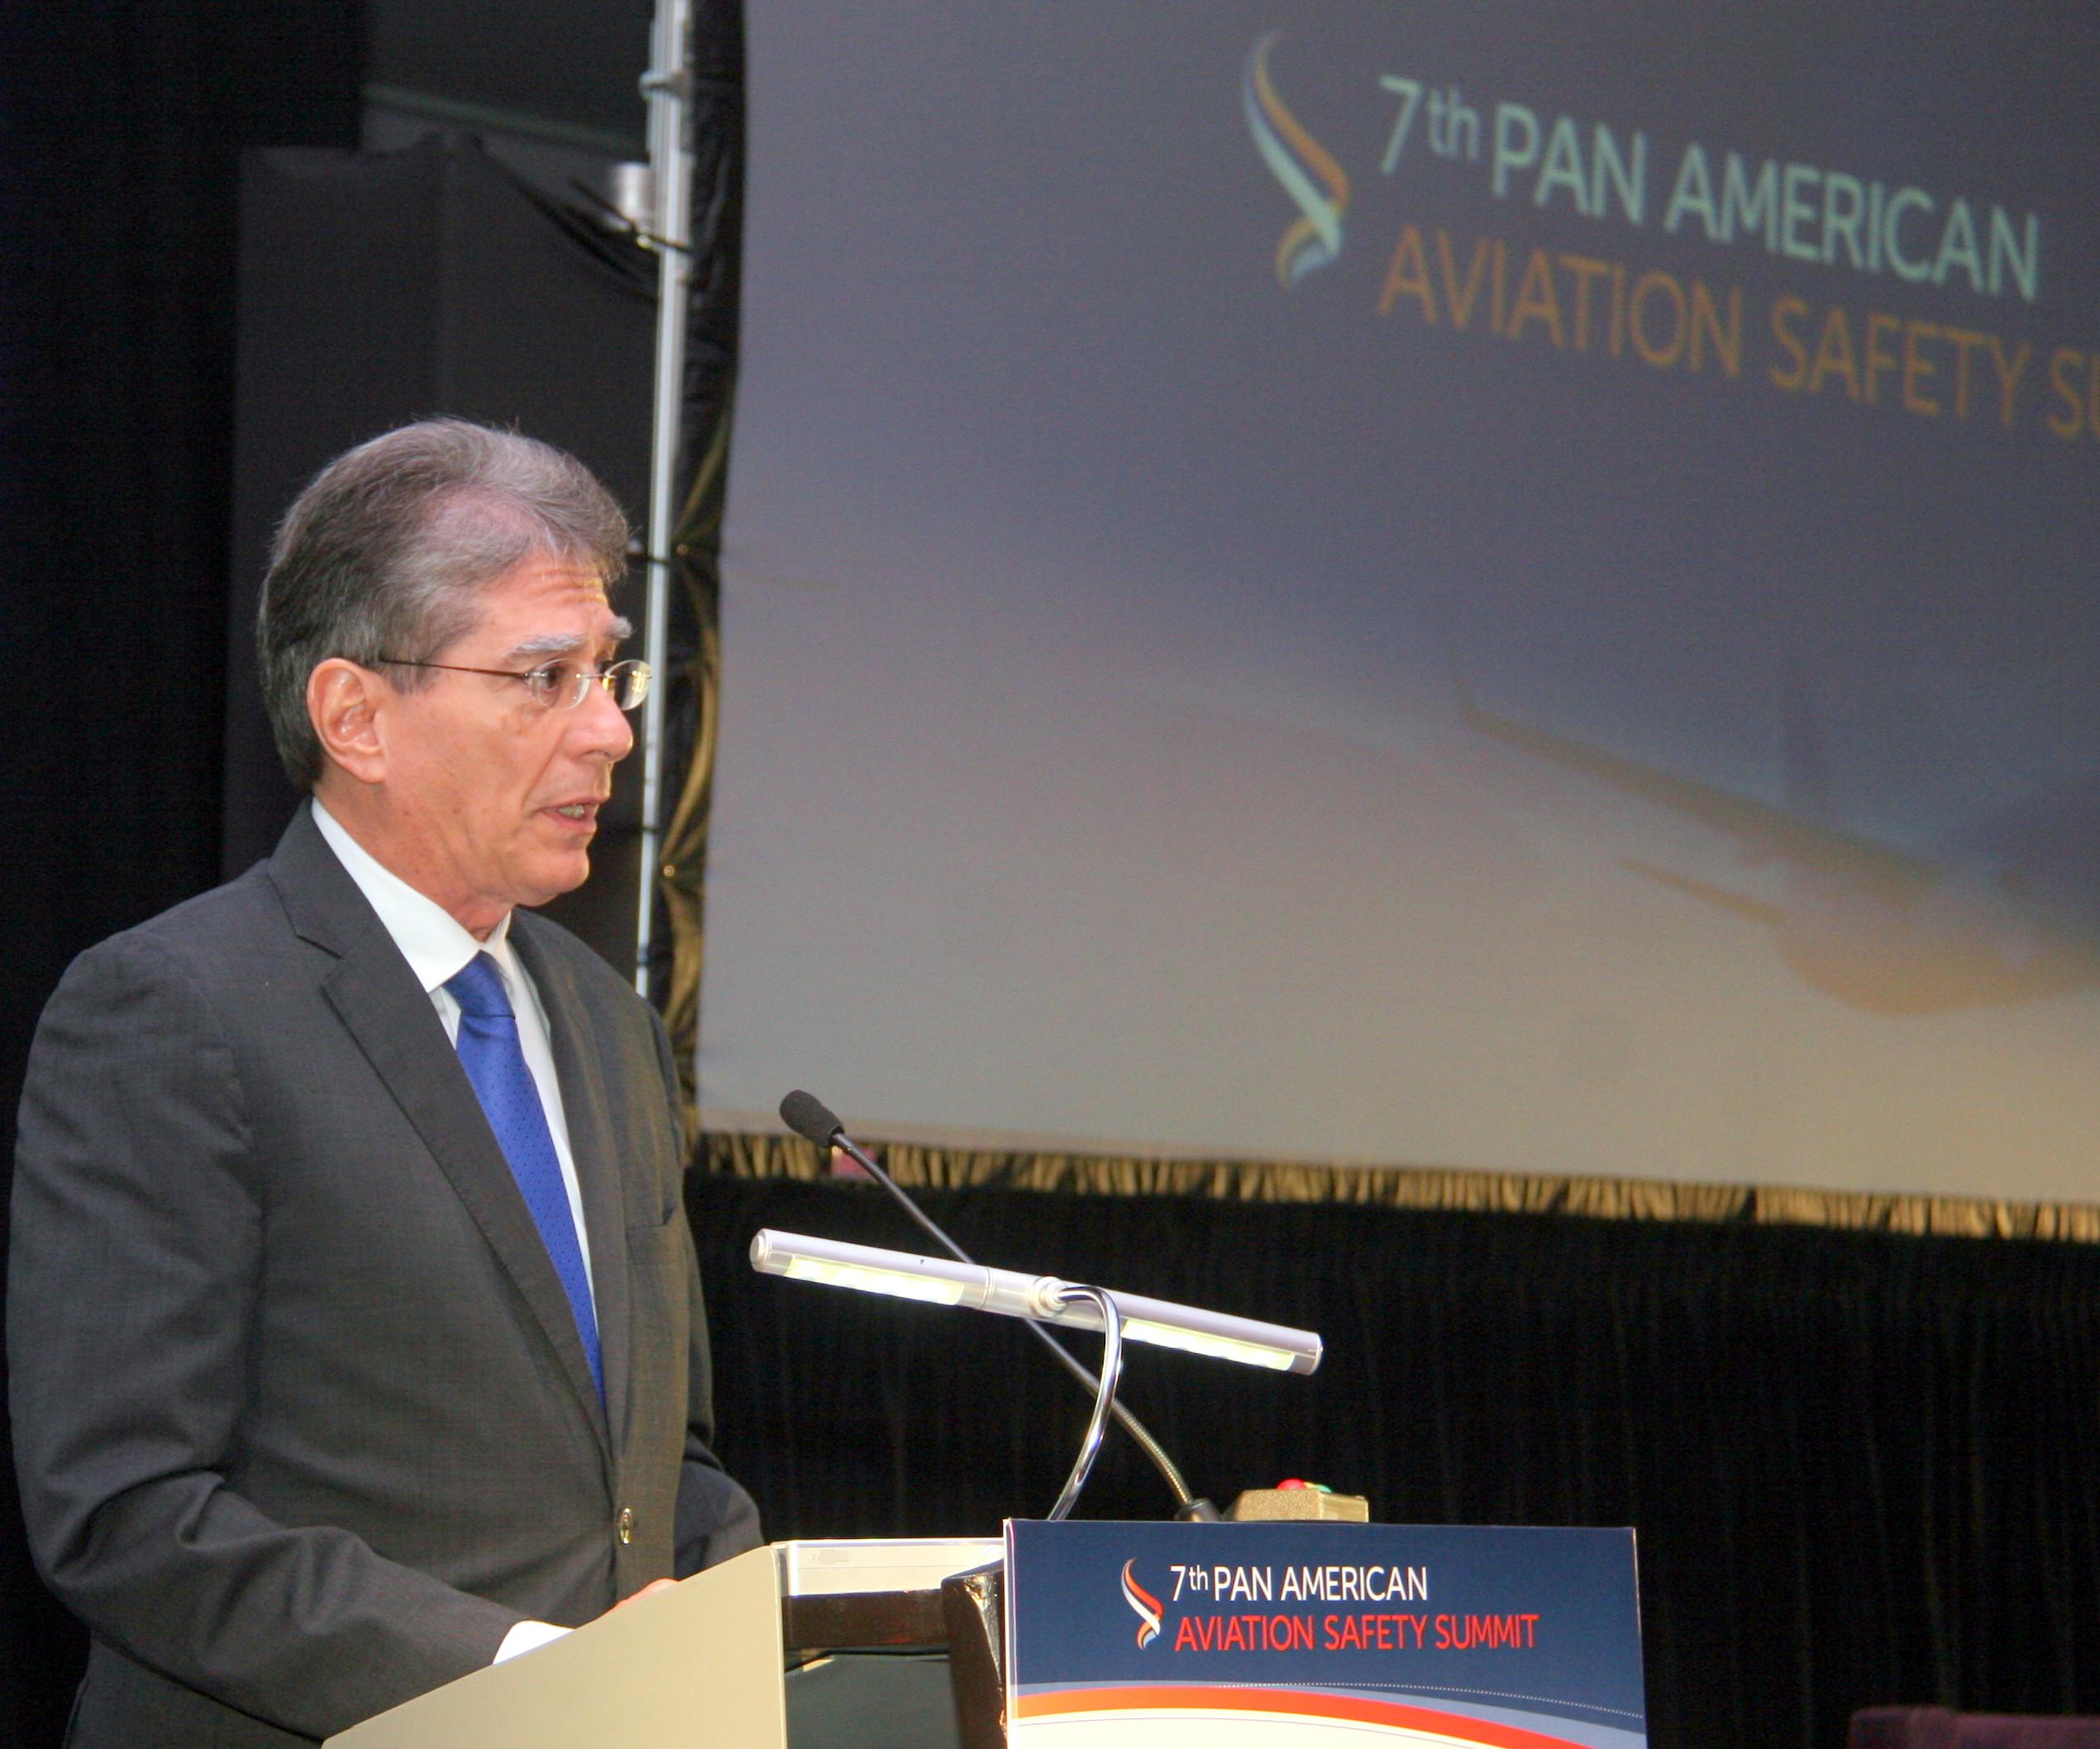 Celebran Cumbre Panamericana de Seguridad Aérea en Panamá